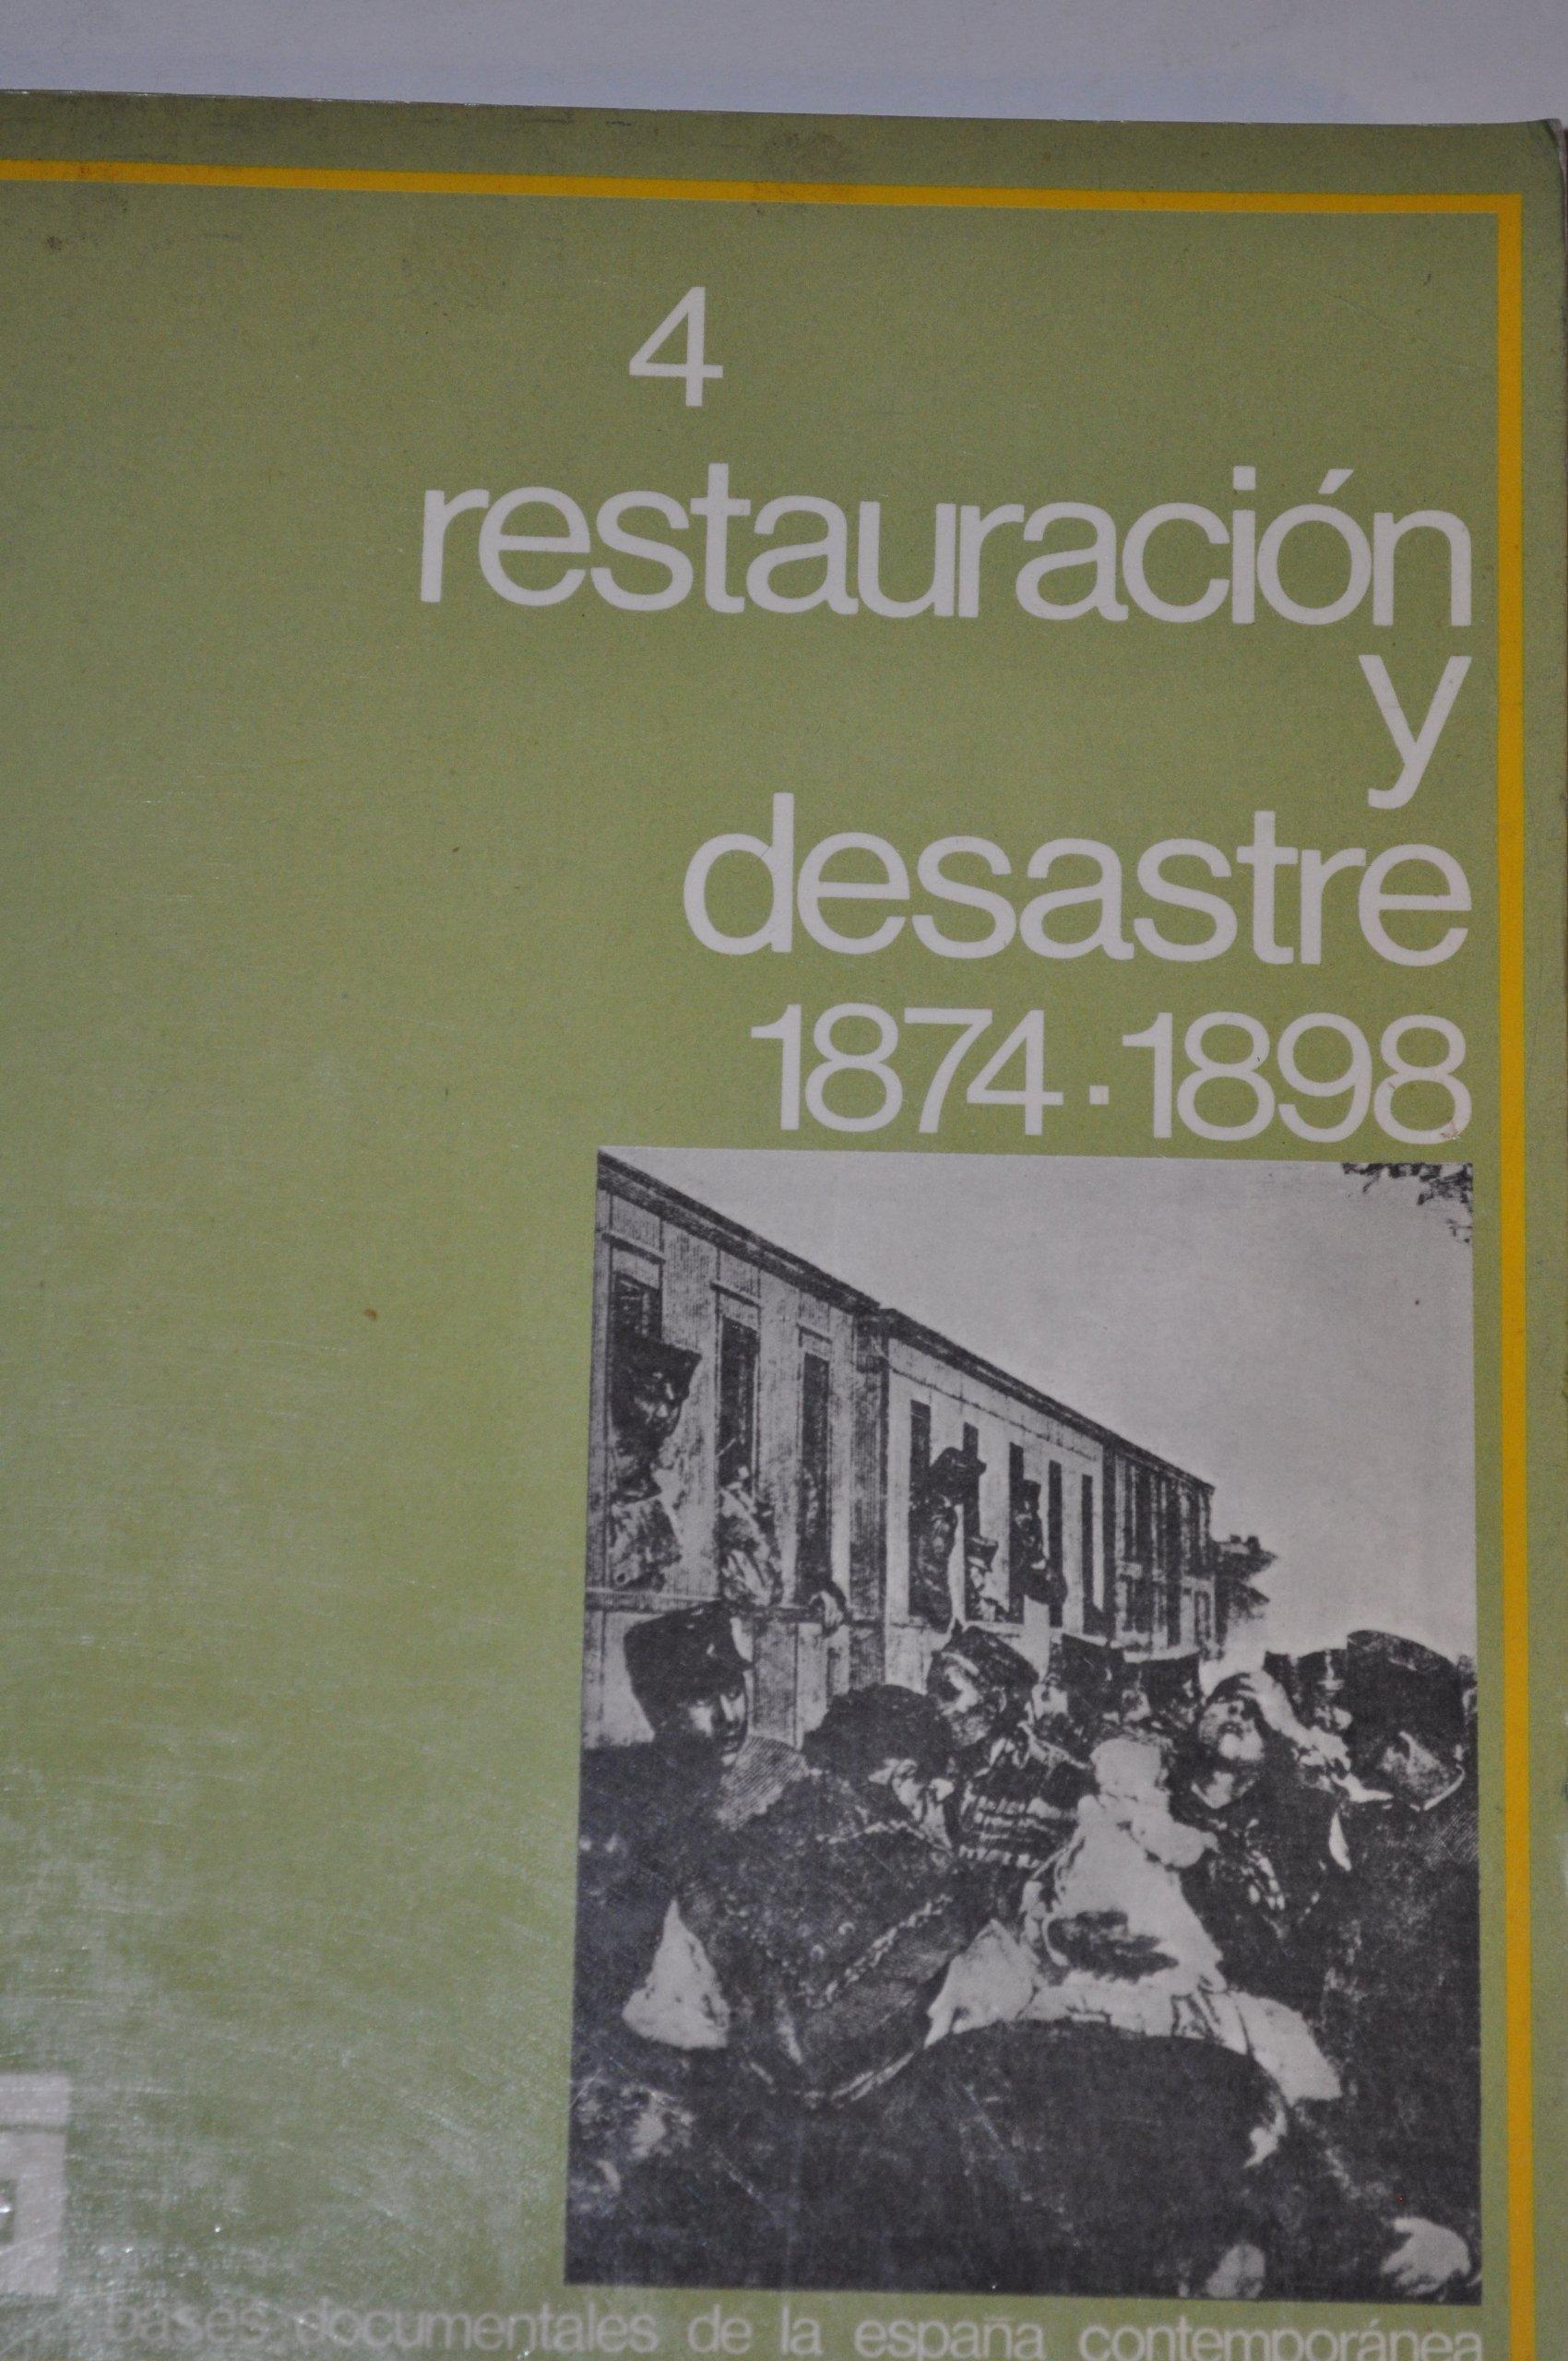 Bases documentales de la España Contemporánea Volumen IV. RESTAURACIÓN Y DESASTRE 1874-1898: Amazon.es: M.ª CARMEN GARCÍA-NIETO, JAVIER M.ª DONEZAR, LUIS LÓPEZ PUERTA: Libros